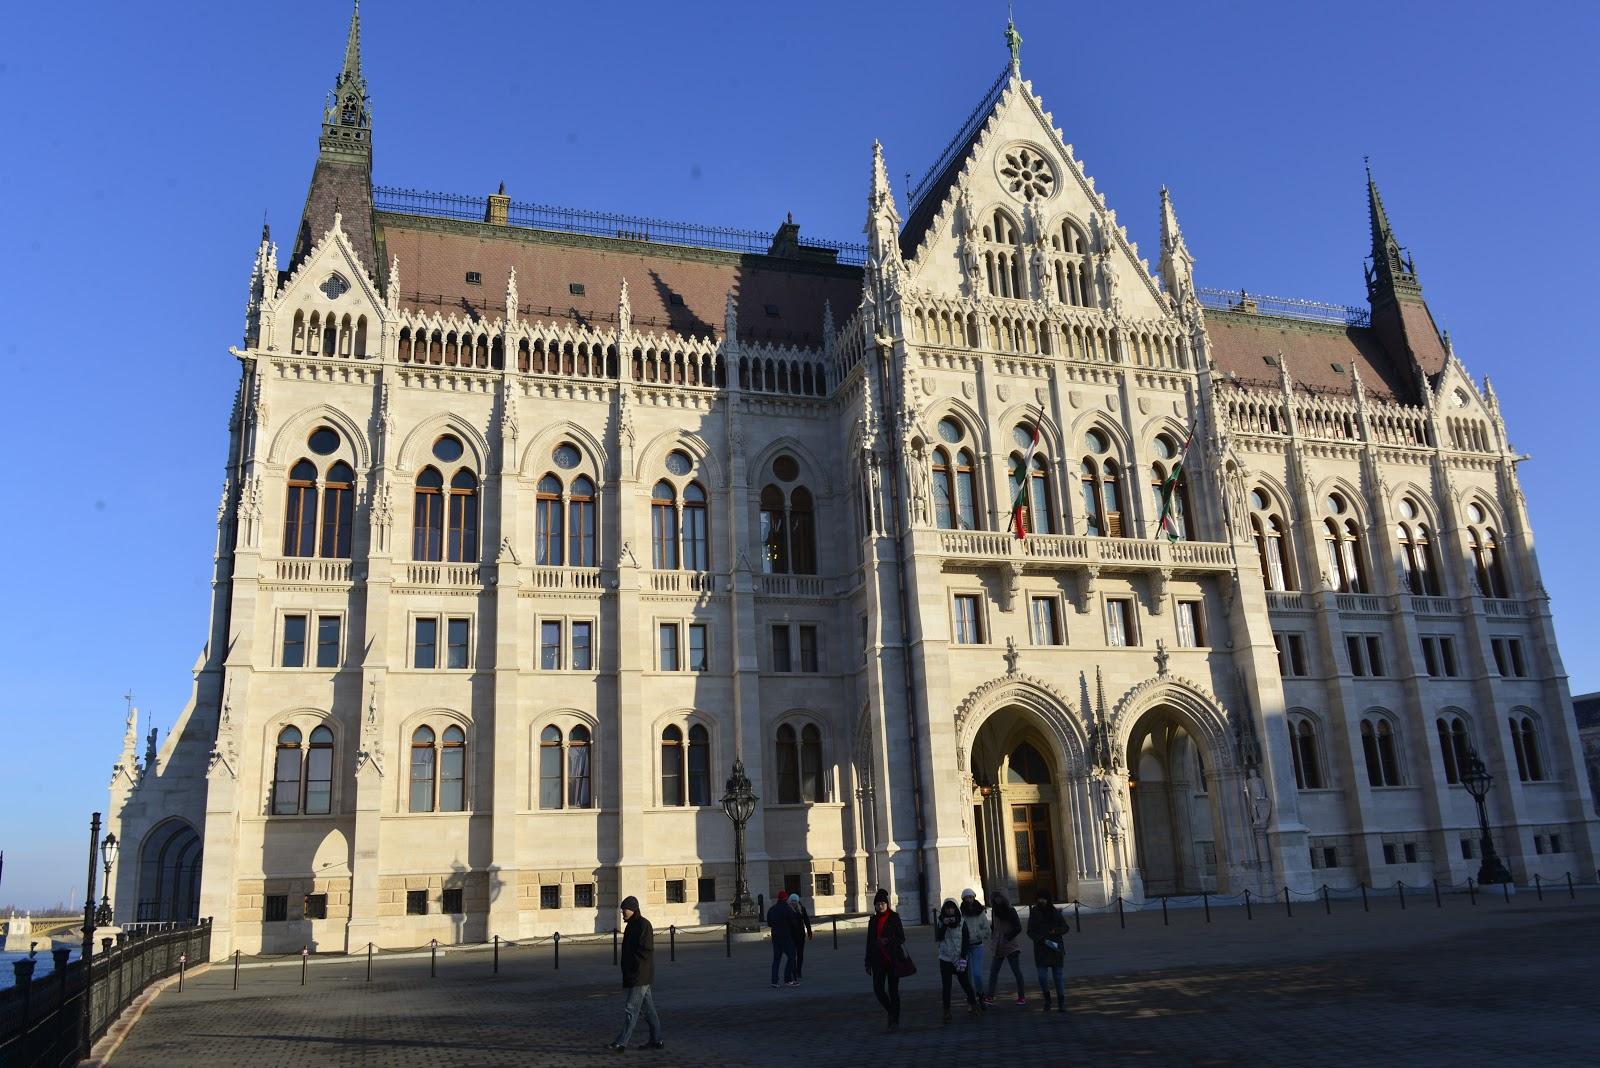 Cosa vedere a budapest in 4 giorni 2a parte itinerari for Dove si riunisce il parlamento italiano